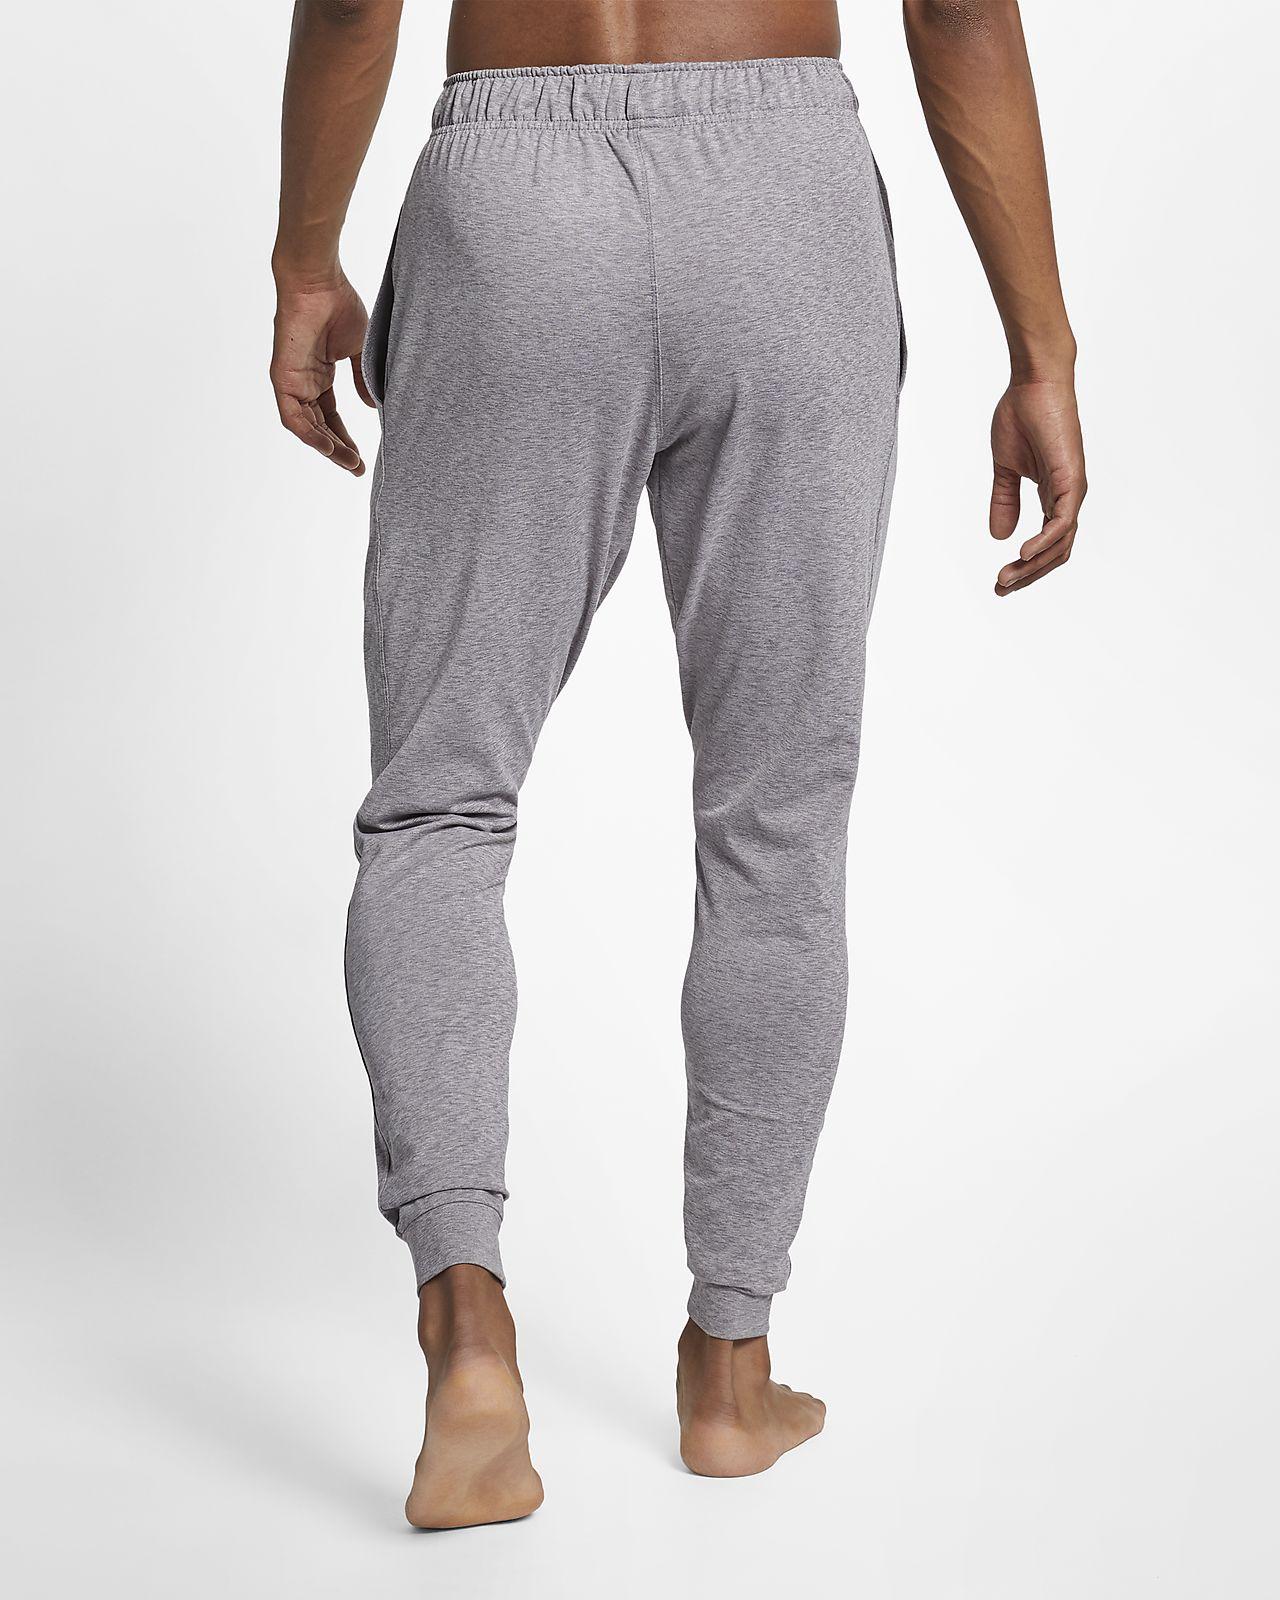 Pants Yoga Men's Dri FIT Nike zVqUpSM